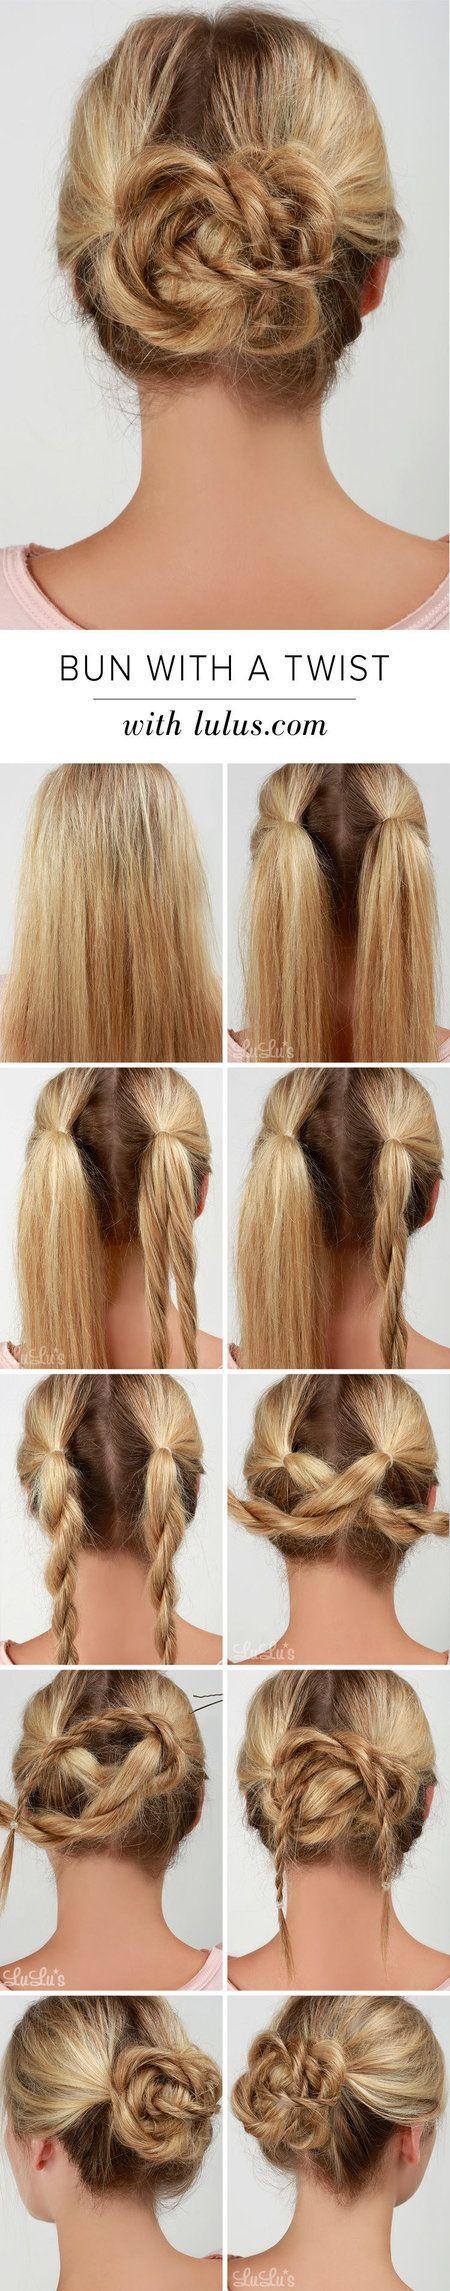 Twisty Bun Tutorial #hairtutoiral #blonde #updo